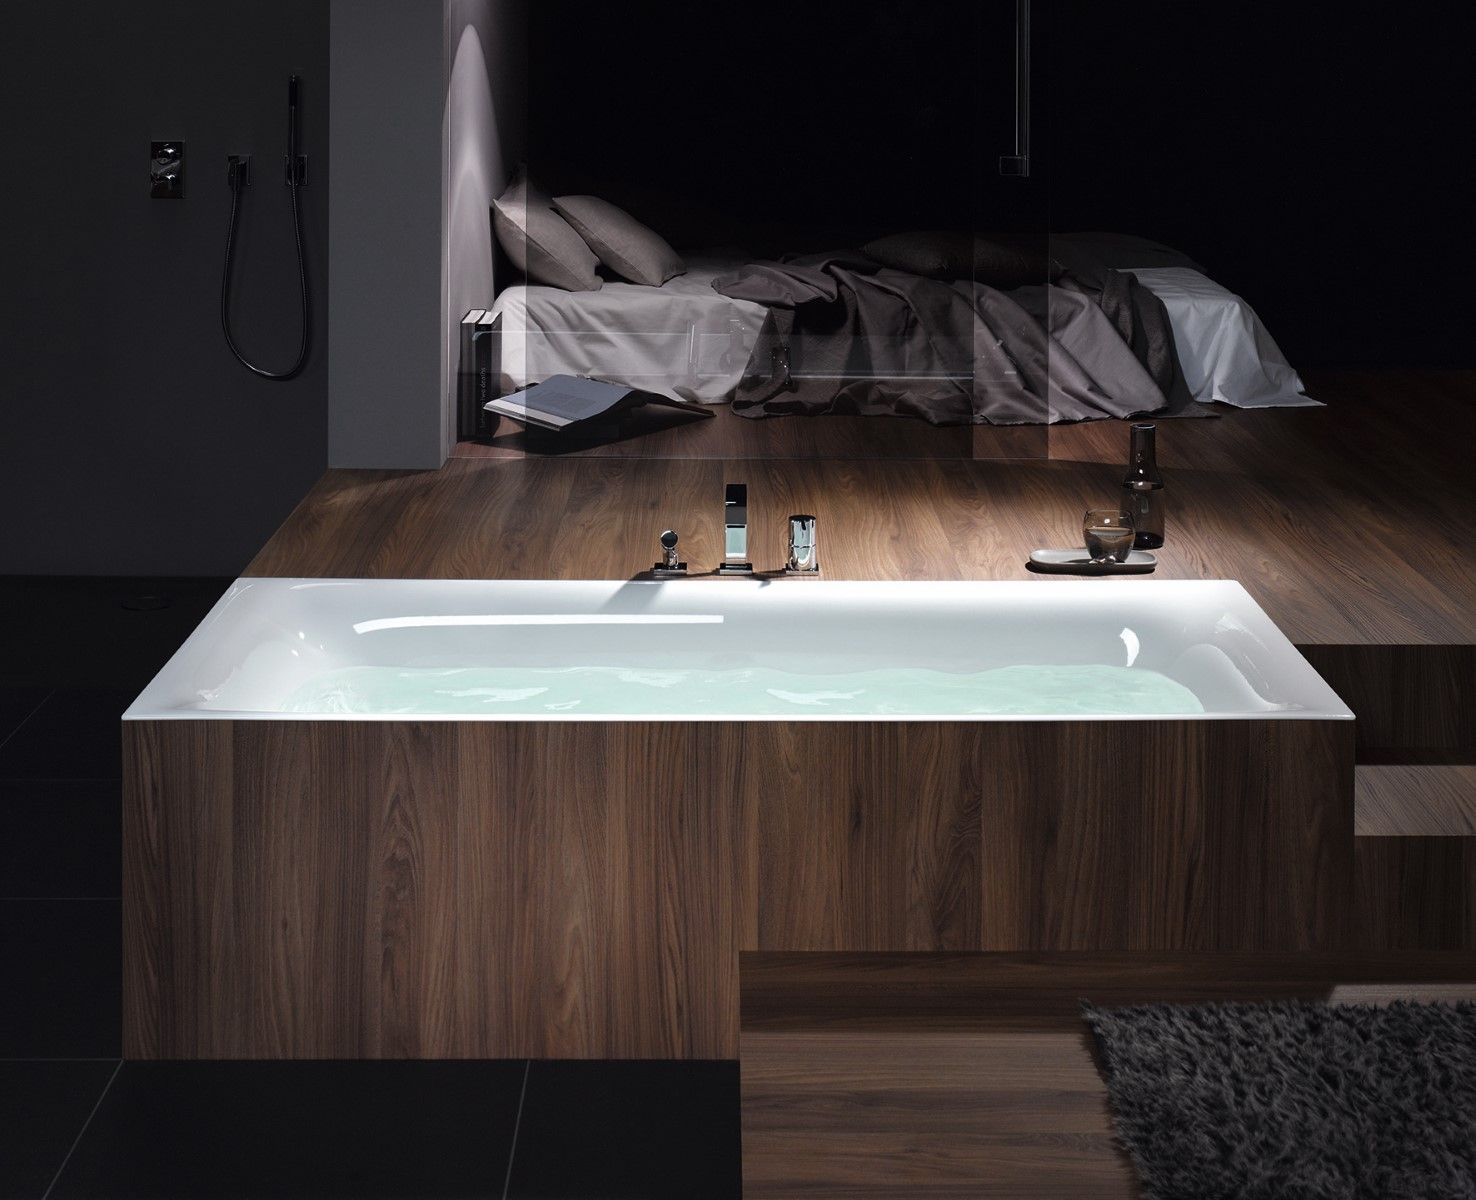 Rechteck Badewanne Und Waschbecken Bette Lux 1 Badezimmer En Suite Eingebaute Badewanne Badezimmer